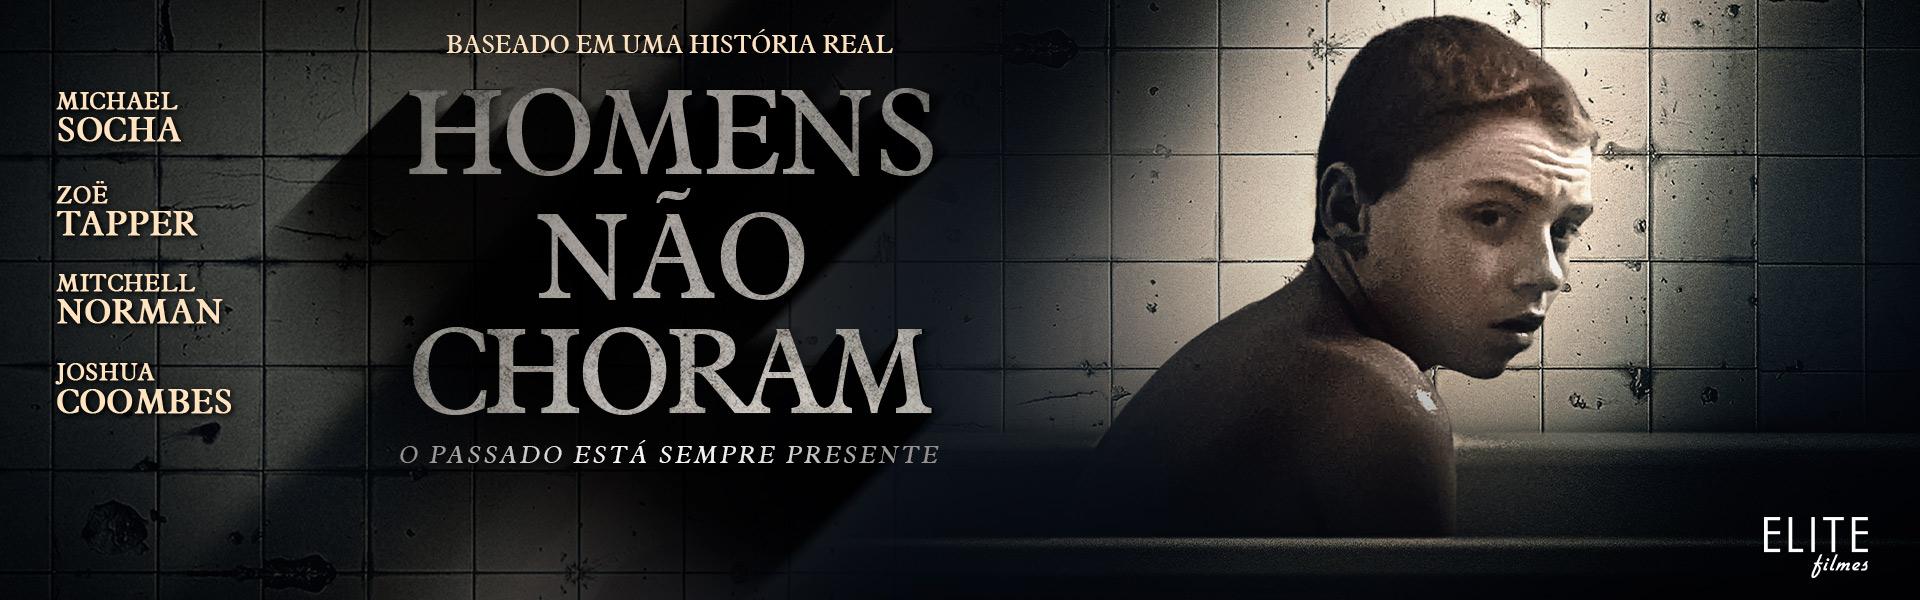 Banner Movie